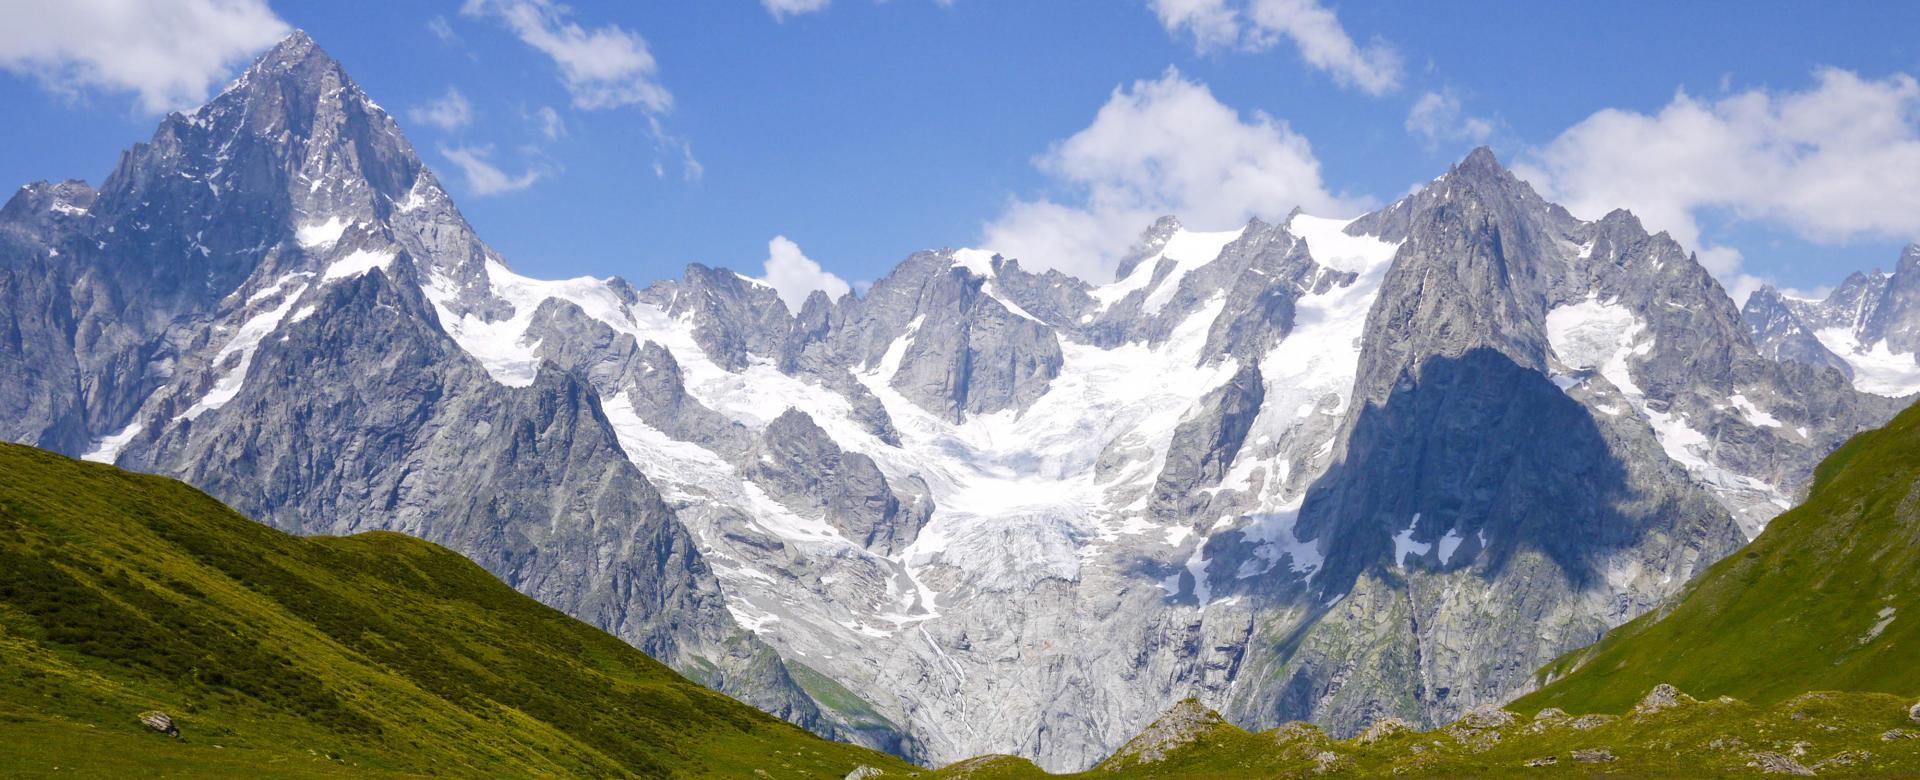 Voyage à pied : Le trail du mont-blanc en 4 jours